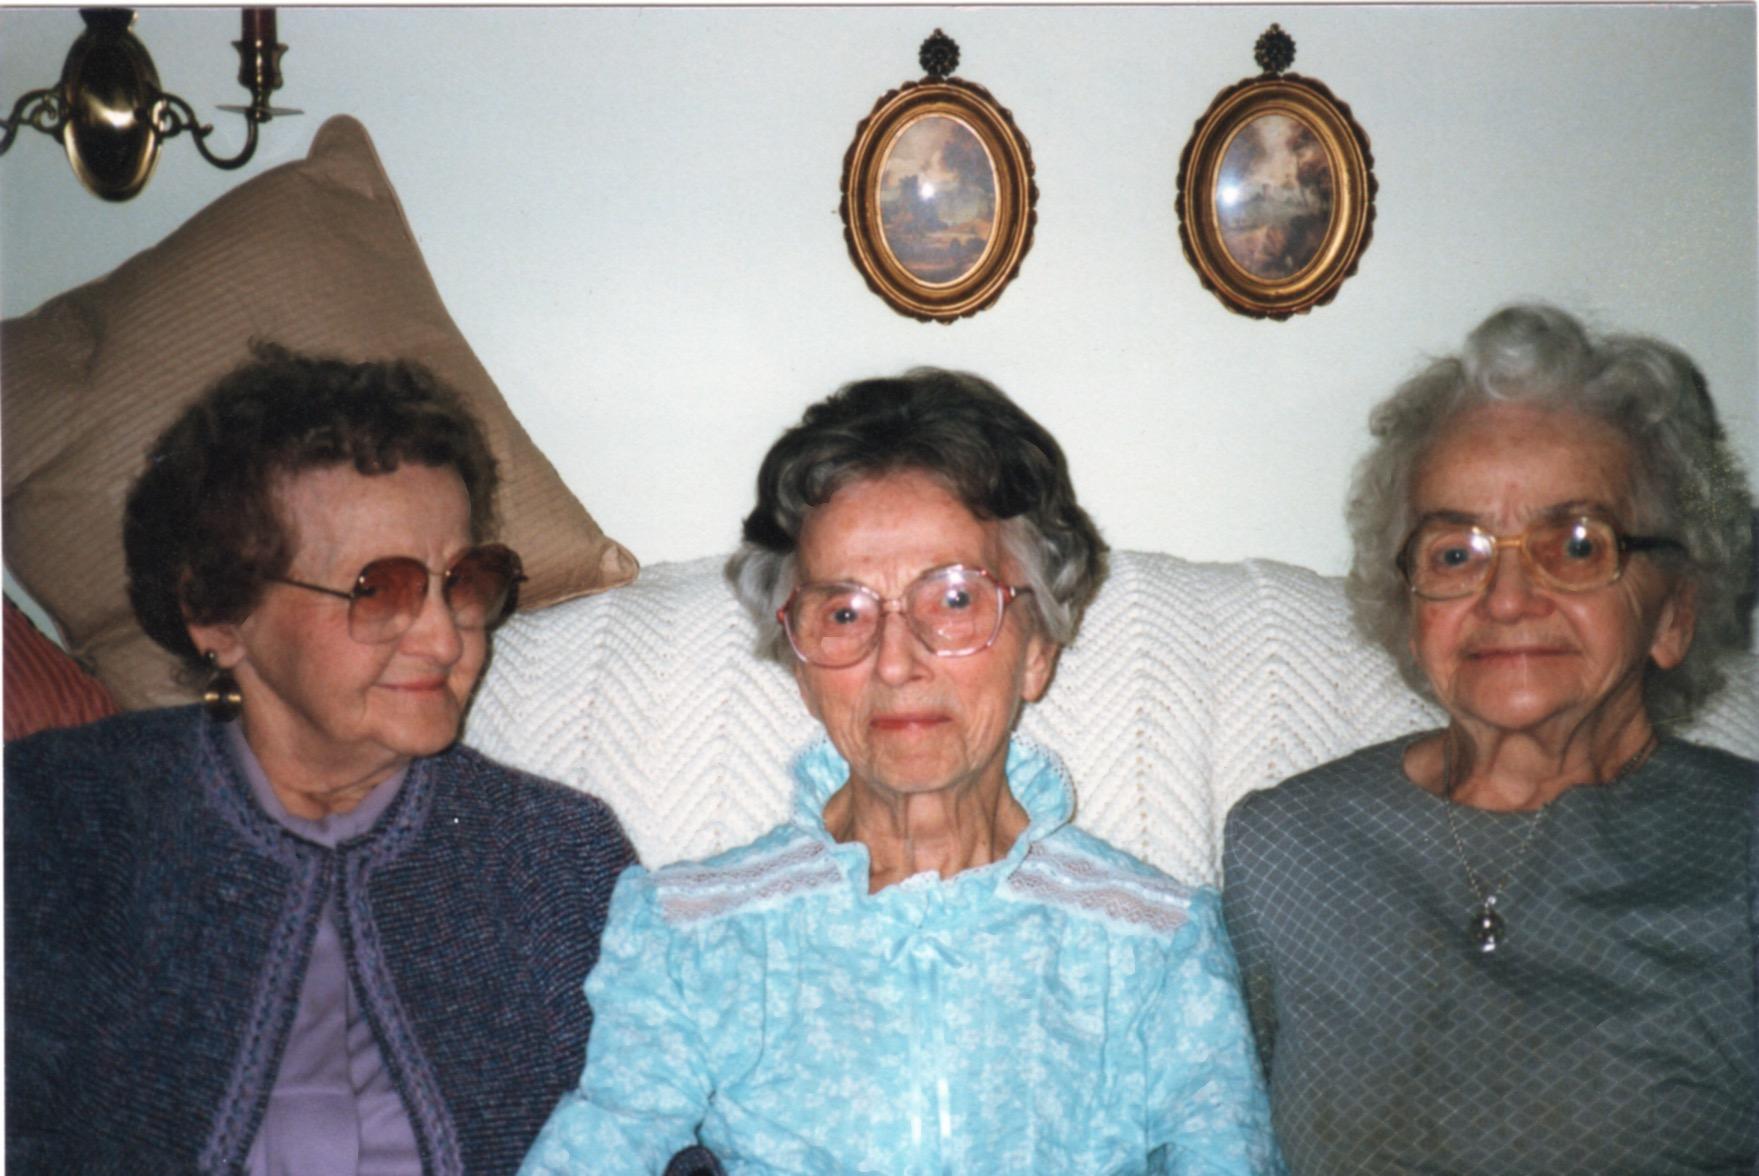 Left to right: Ida, Amanda, Mary